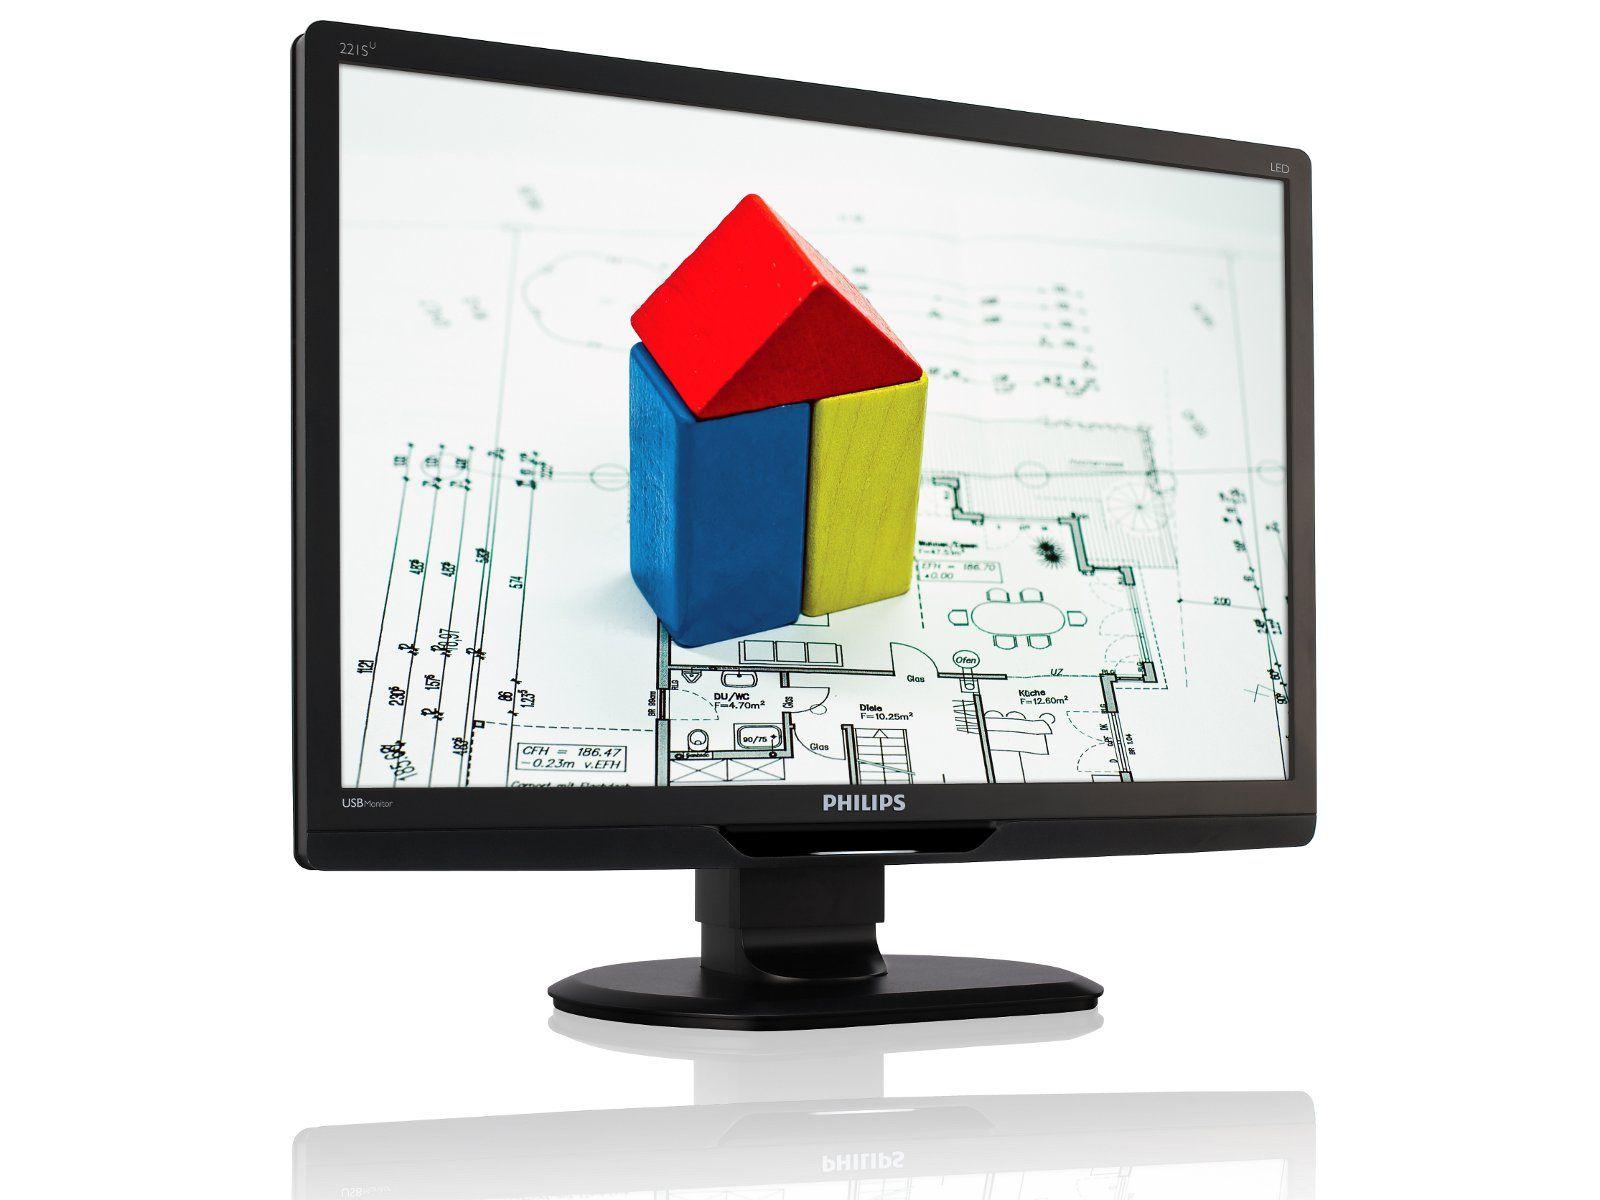 Visuel offert par les téléviseurs LCD Philips !